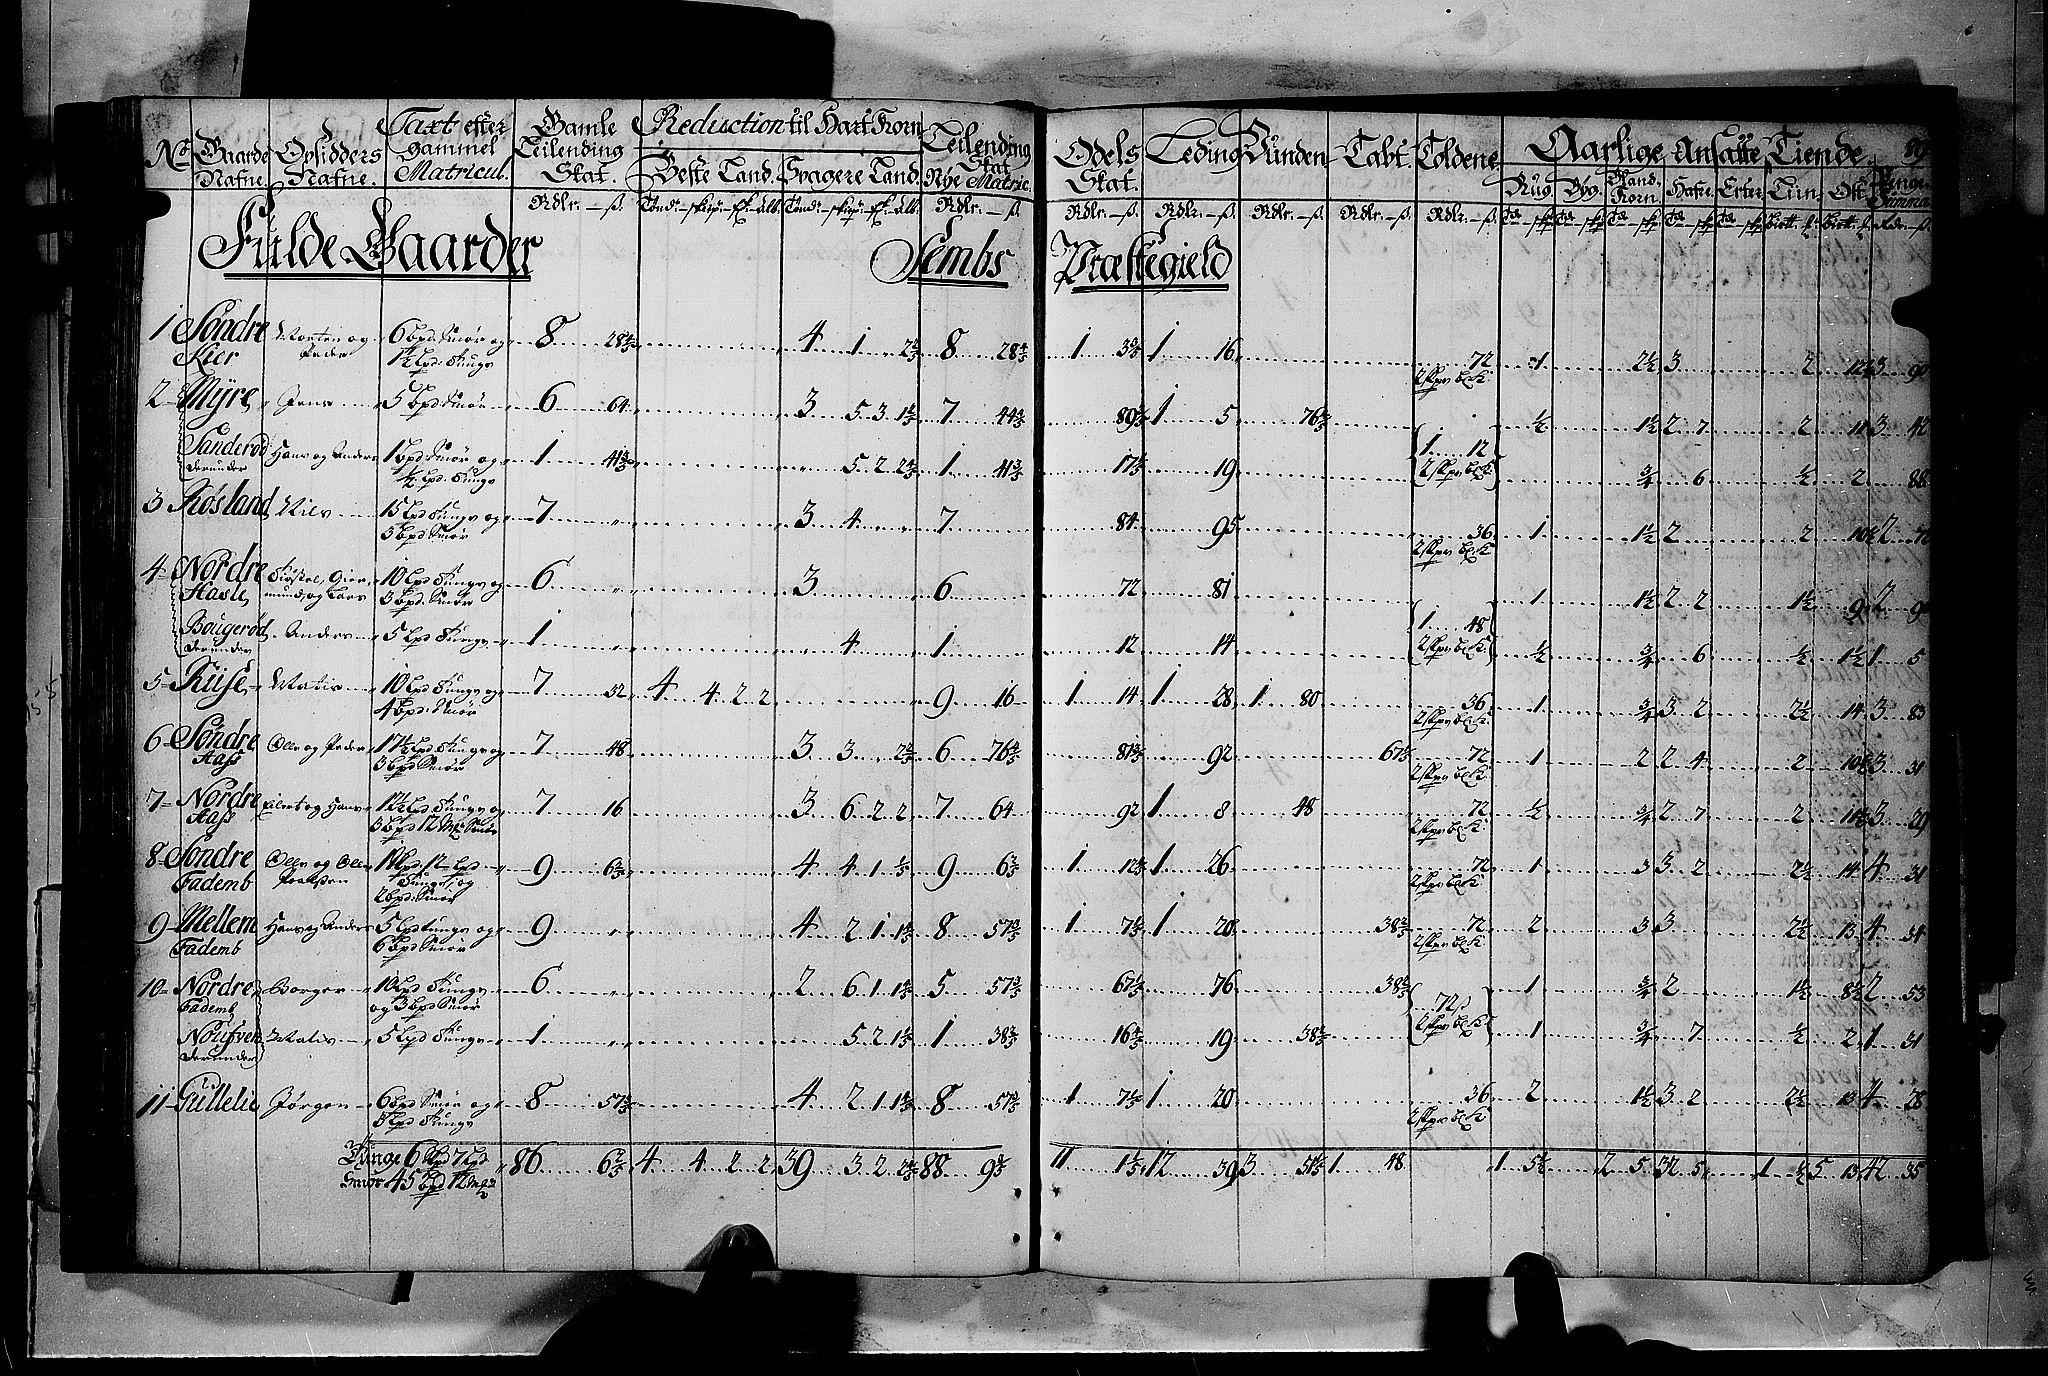 RA, Rentekammeret inntil 1814, Realistisk ordnet avdeling, N/Nb/Nbf/L0116: Jarlsberg grevskap matrikkelprotokoll, 1723, s. 88b-89a